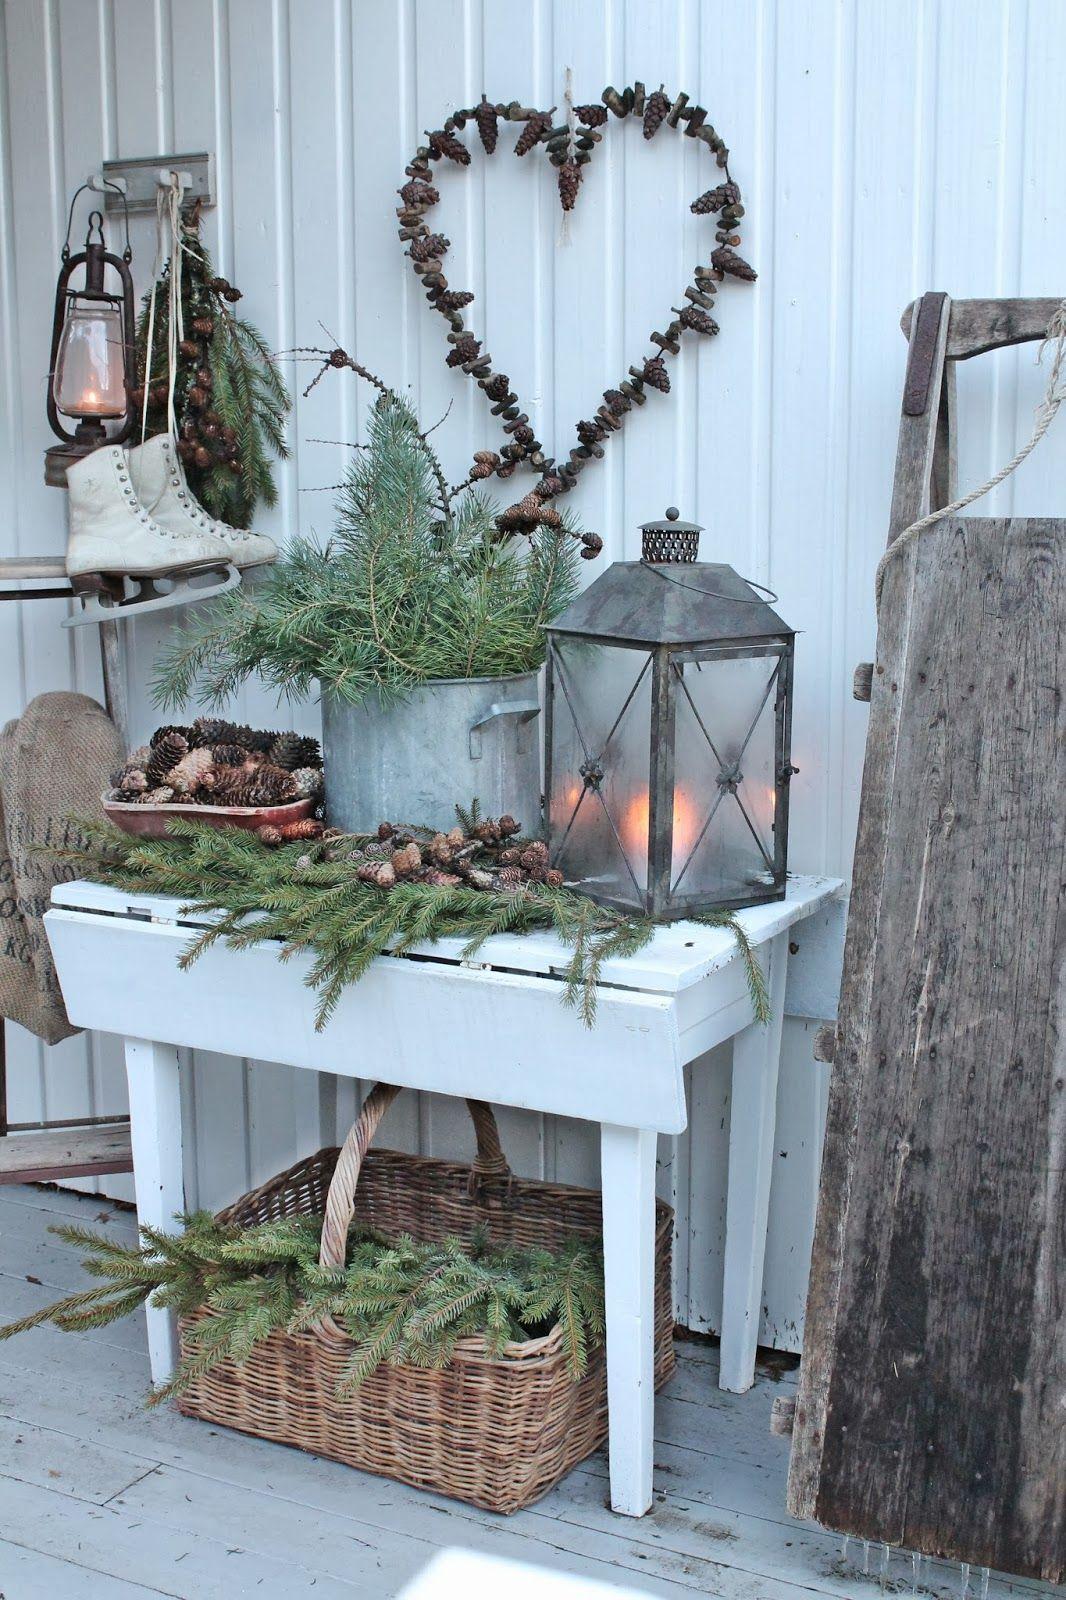 Maybe a porch decor idea for winter Winter Pinterest